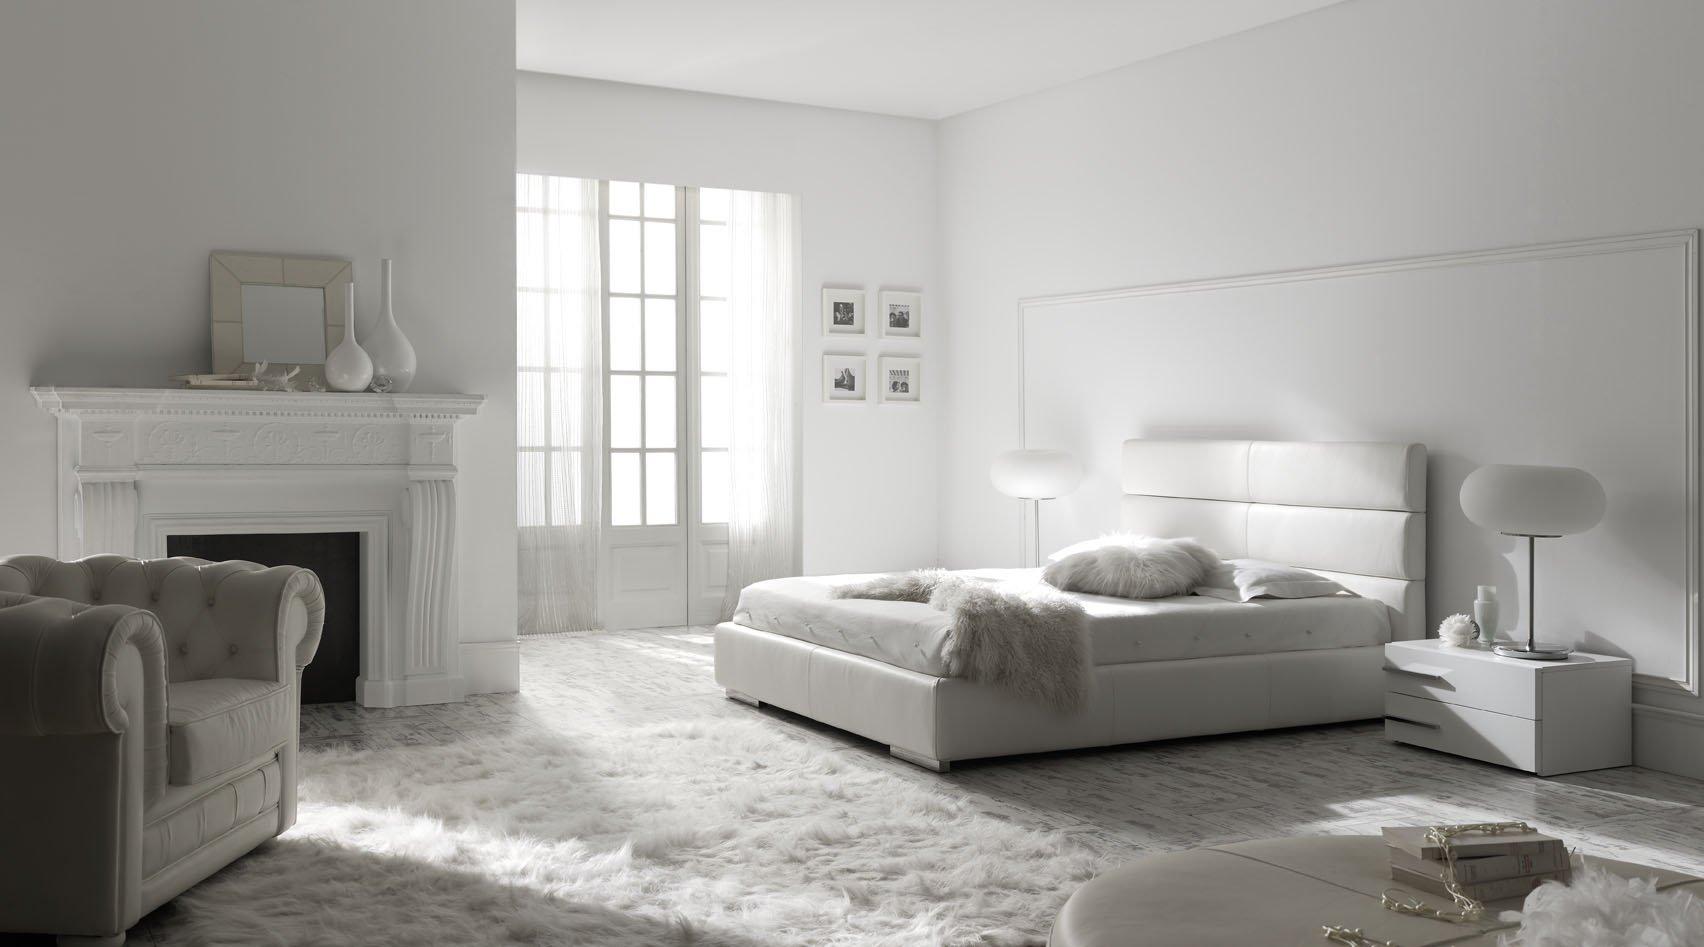 Fotos dormitorios blancos 2016 for Dormitorios 2016